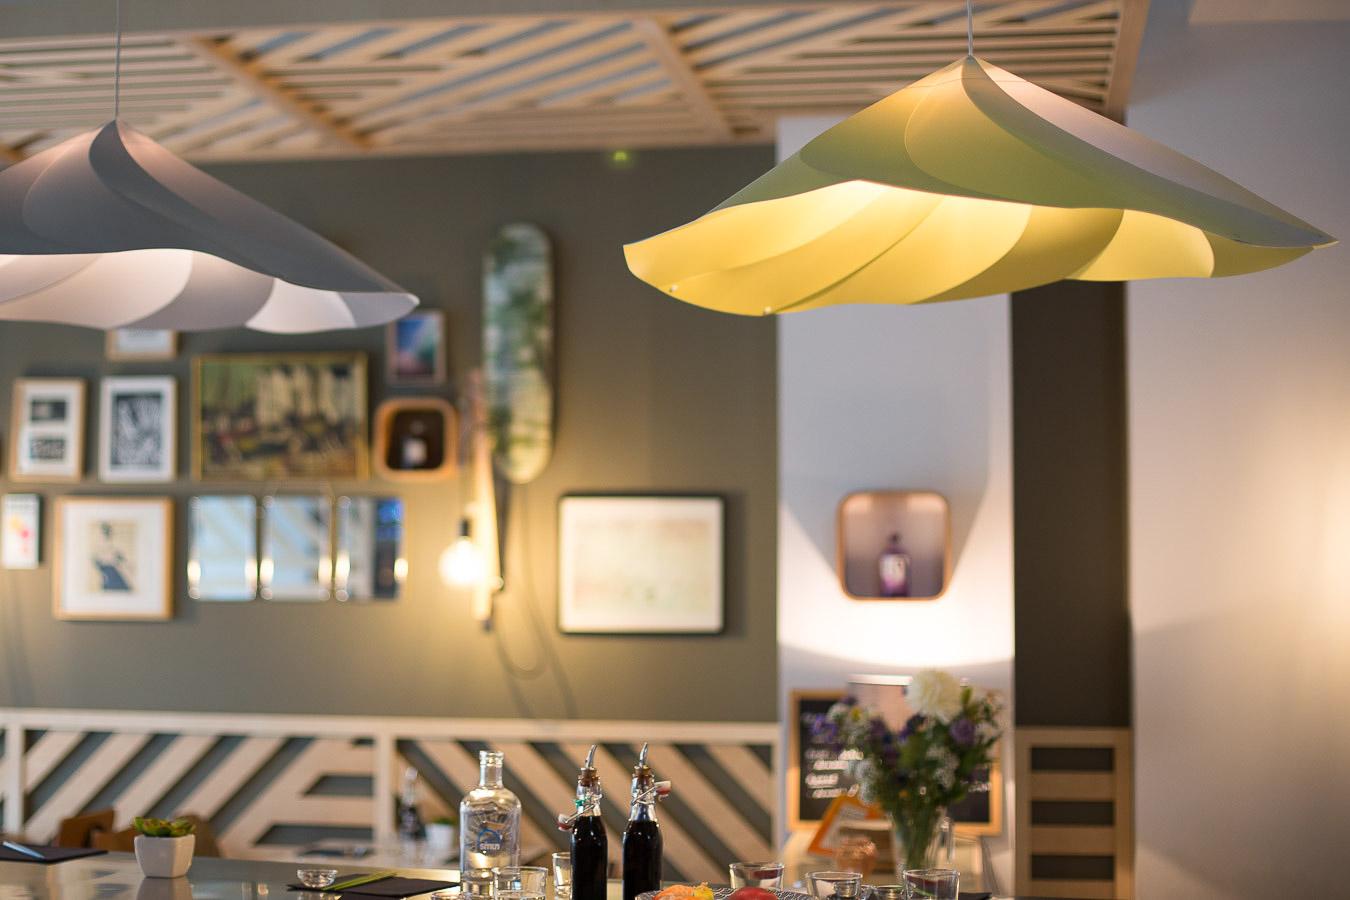 Déco design et moderne du restaurant You Sushi à Bayonne réalisé par un architecte.